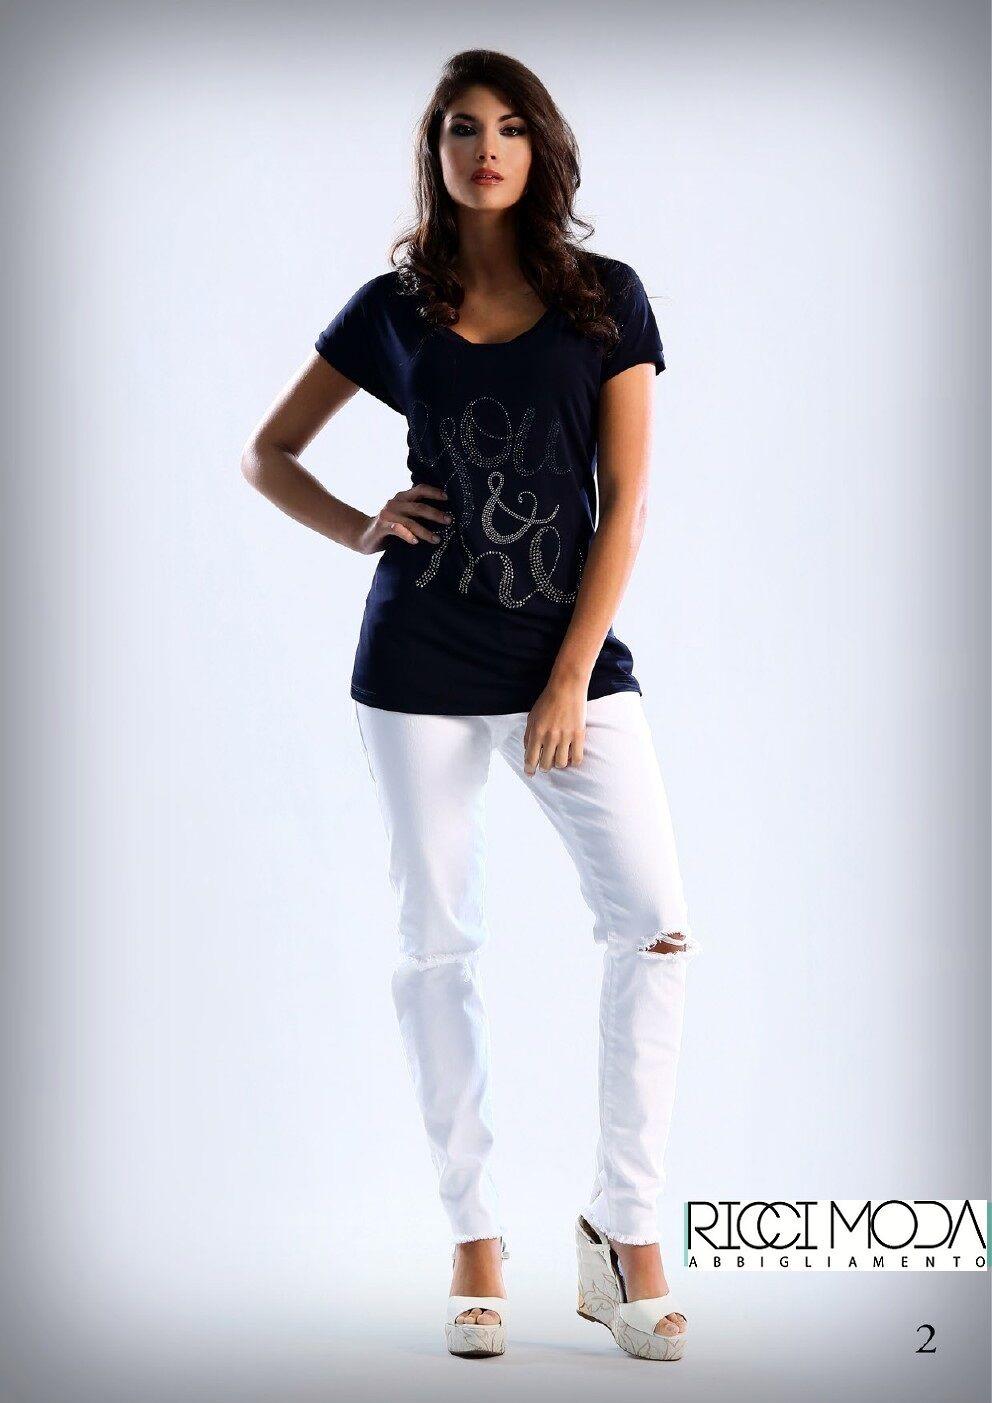 13 damenhosen 130 made made made in italy hose frau damen pantalones 4001300003 | Neuartiges Design  | Spielen Sie das Beste  23f6f8